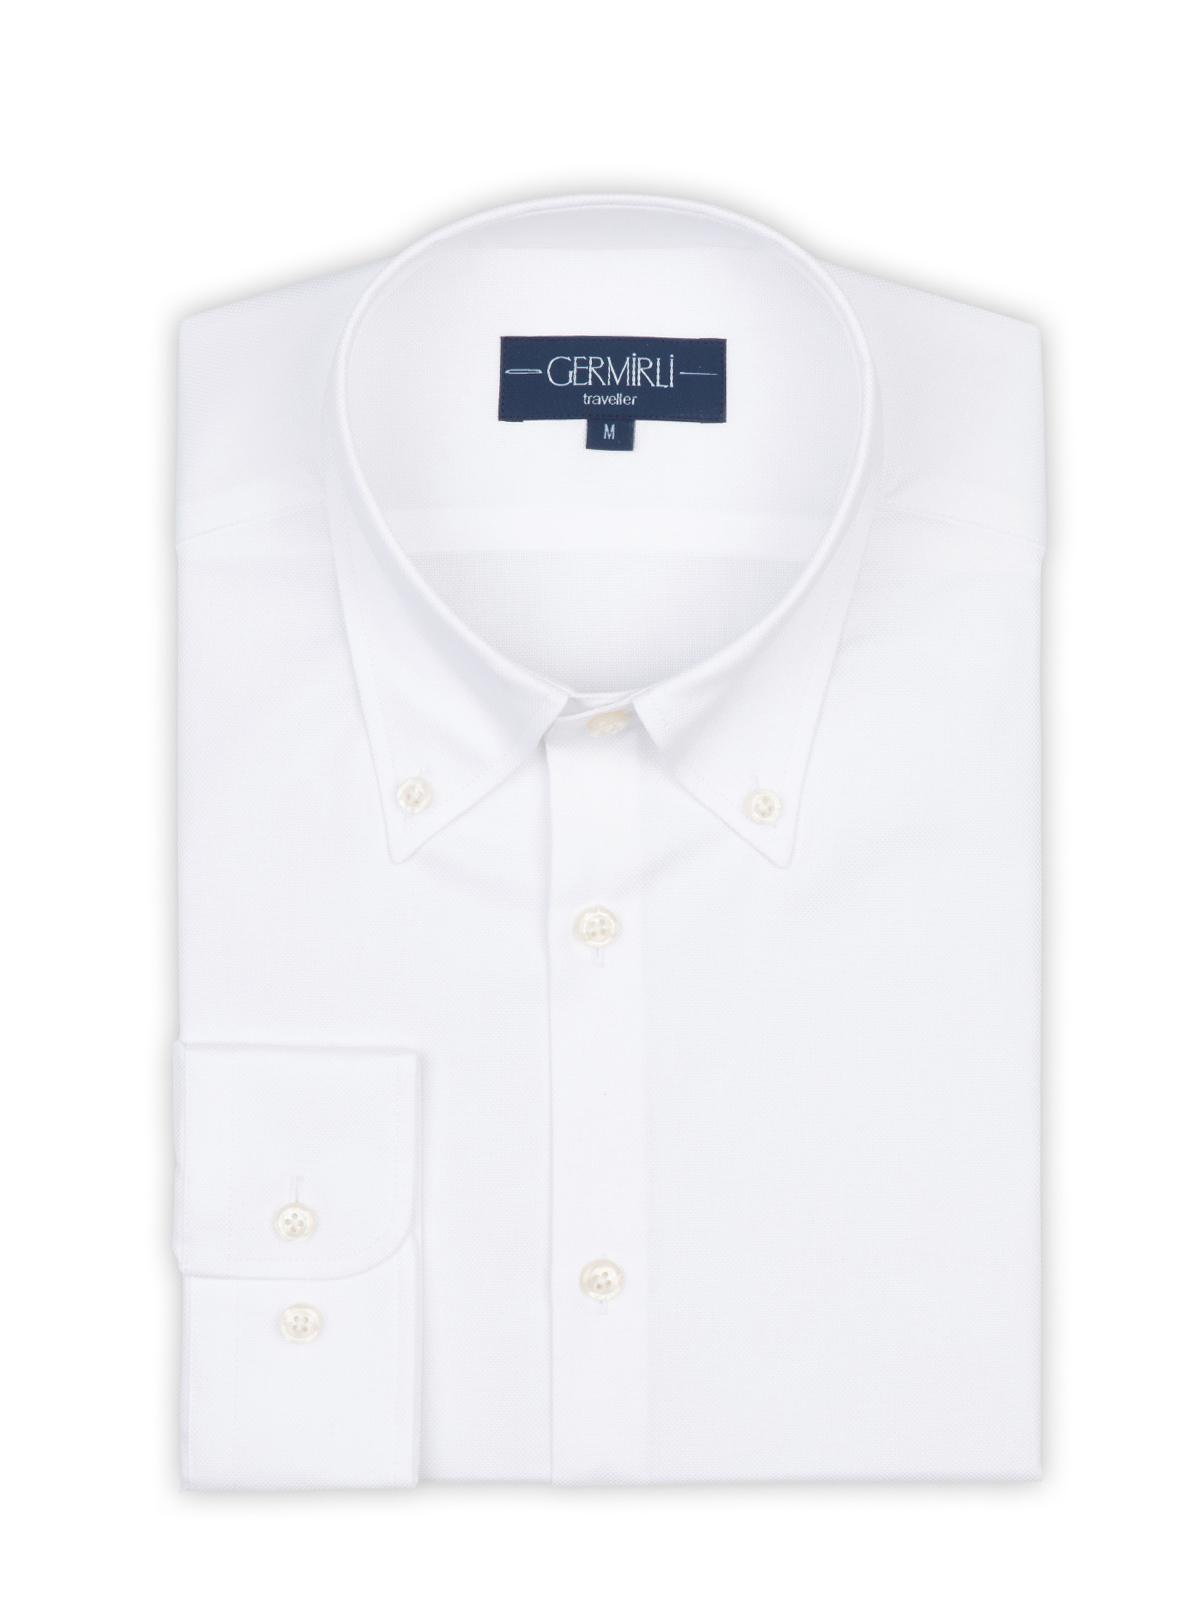 Germirli X-Thermotech Beyaz Oxford Düğmeli Yaka Tailor Fit Gömlek